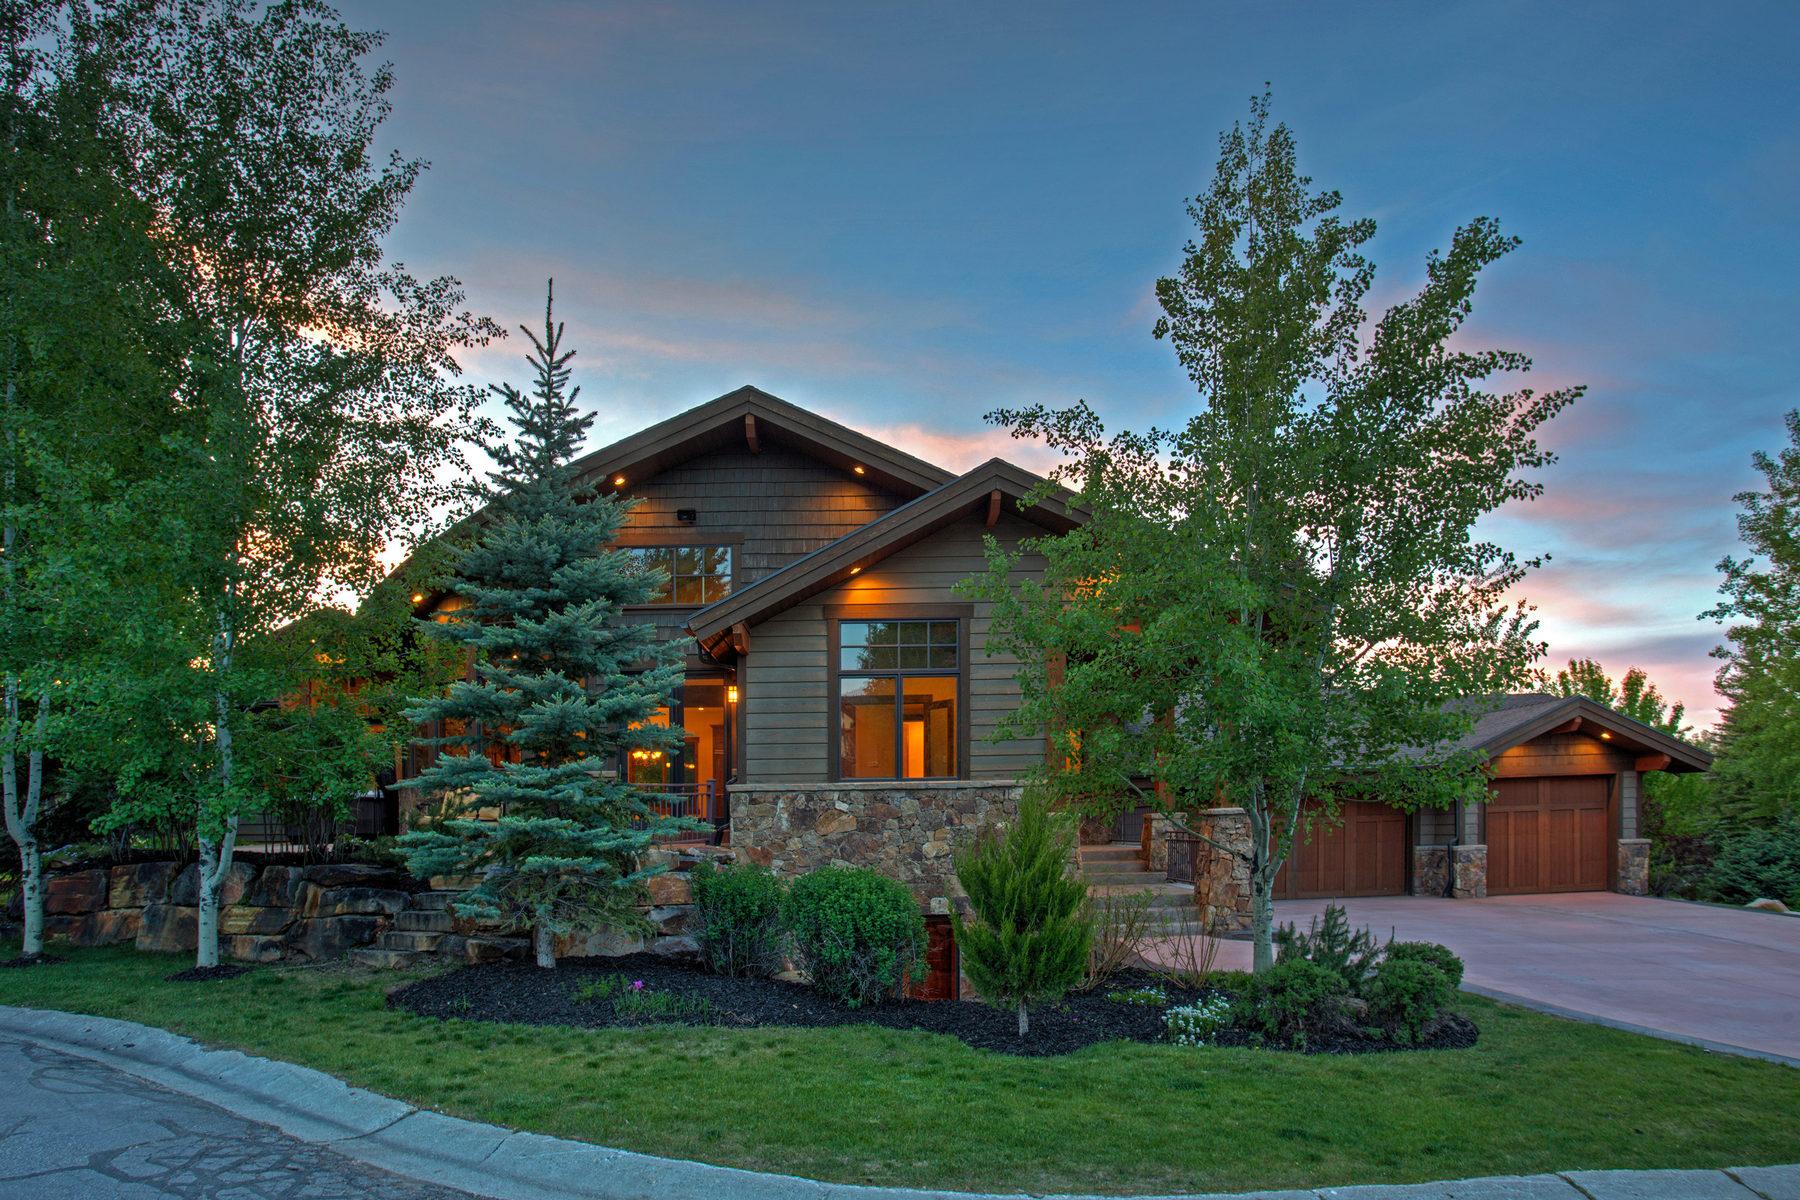 Частный односемейный дом для того Продажа на Refined Mountain Living In Town 2 Double Jack Ct Park City, Юта 84060 Соединенные Штаты